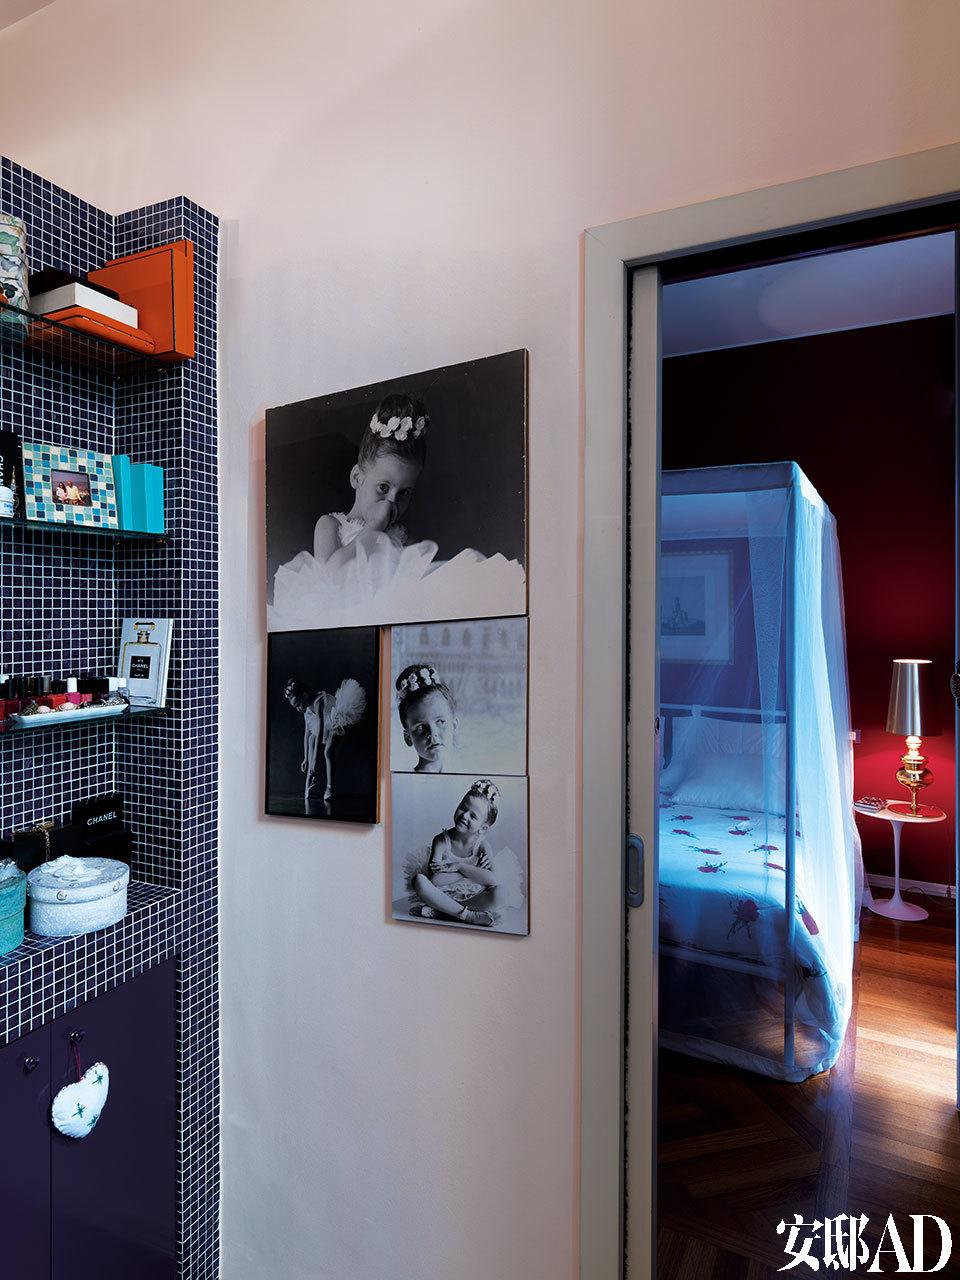 蓝色马赛克铺就的浴室,是Rossella在家里最爱的角落,里面也挂着她的童年芭蕾照。靠近主卧的浴室里,蓝色马赛克装饰的开放式搁架十分实用,墙壁上还挂着Rossella小时候学习芭蕾的照片。后侧是Rossella的卧室,床头柜由Eero Saarinen为Alivar设计,灯具由Jaime Hayon为Metalarte设计。